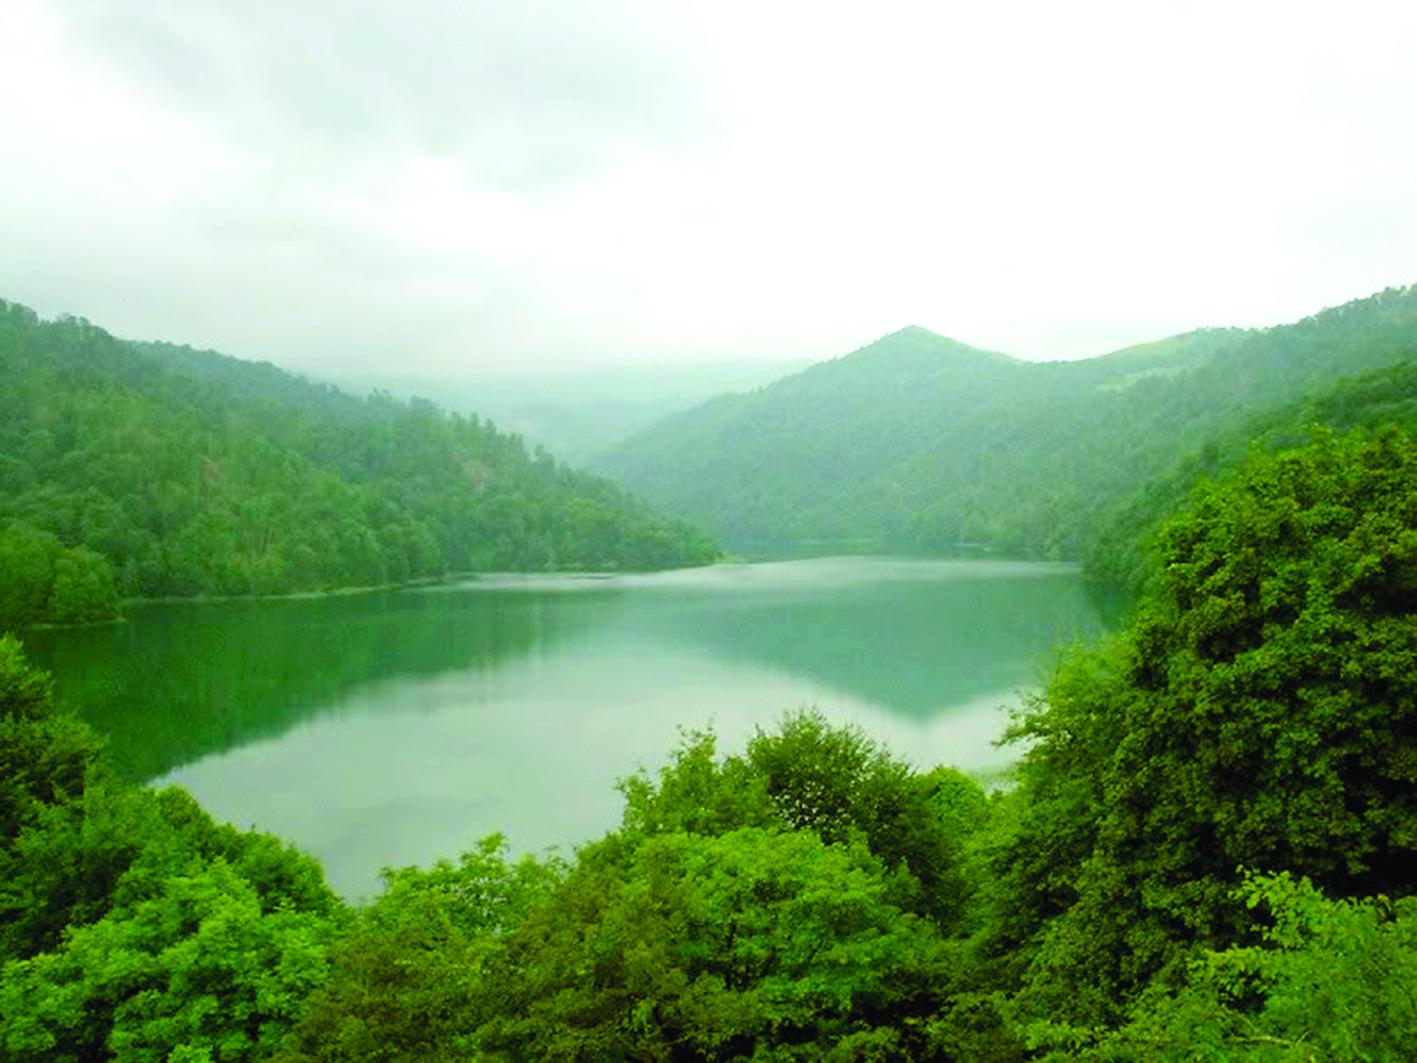 أذربيجان.. السياحة في أحضان التاريخ والطبيعة